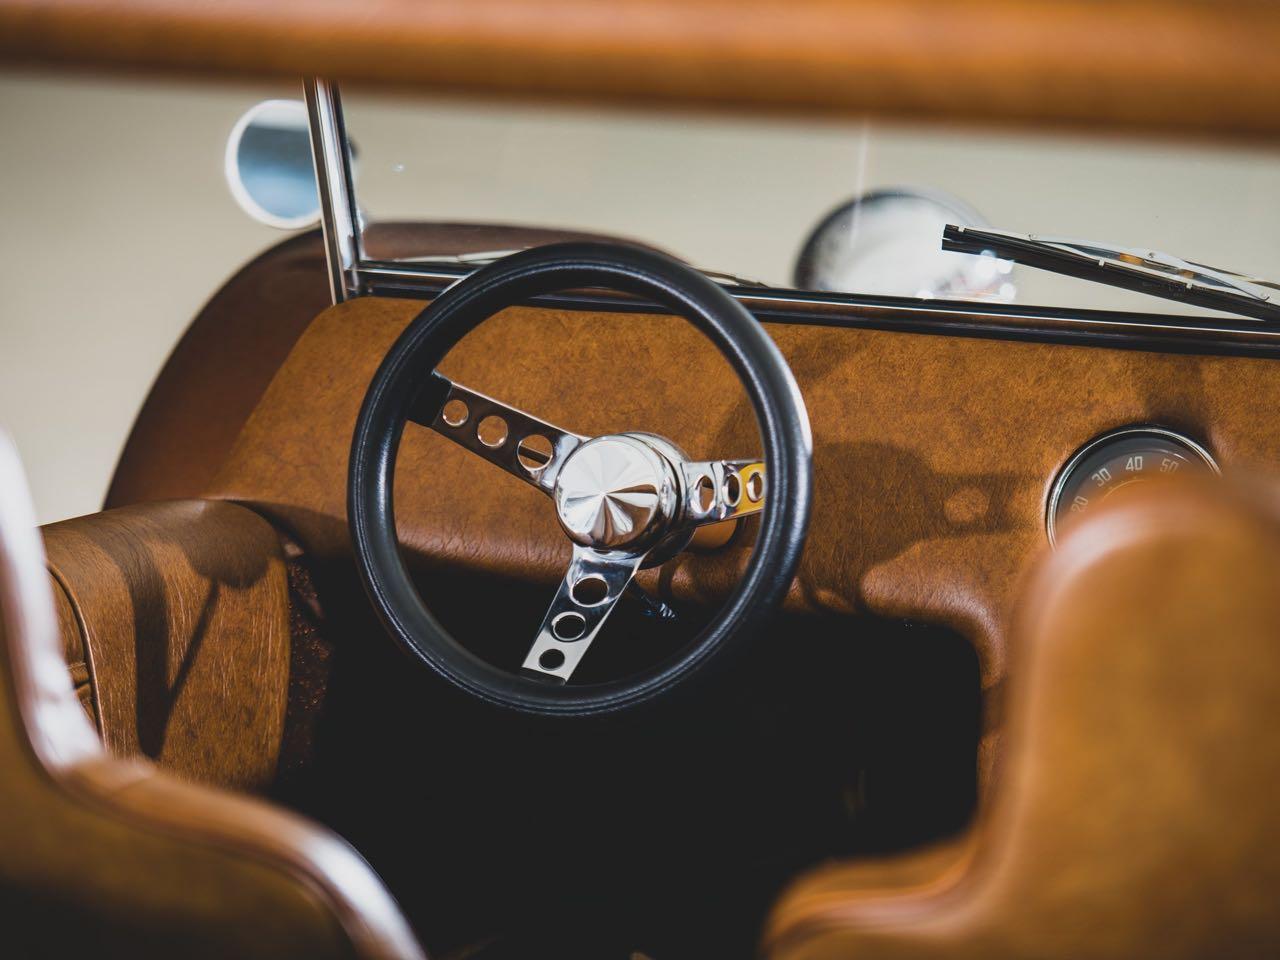 1971 Mangosta Sport Buggy - Délire V.I.P ! 9